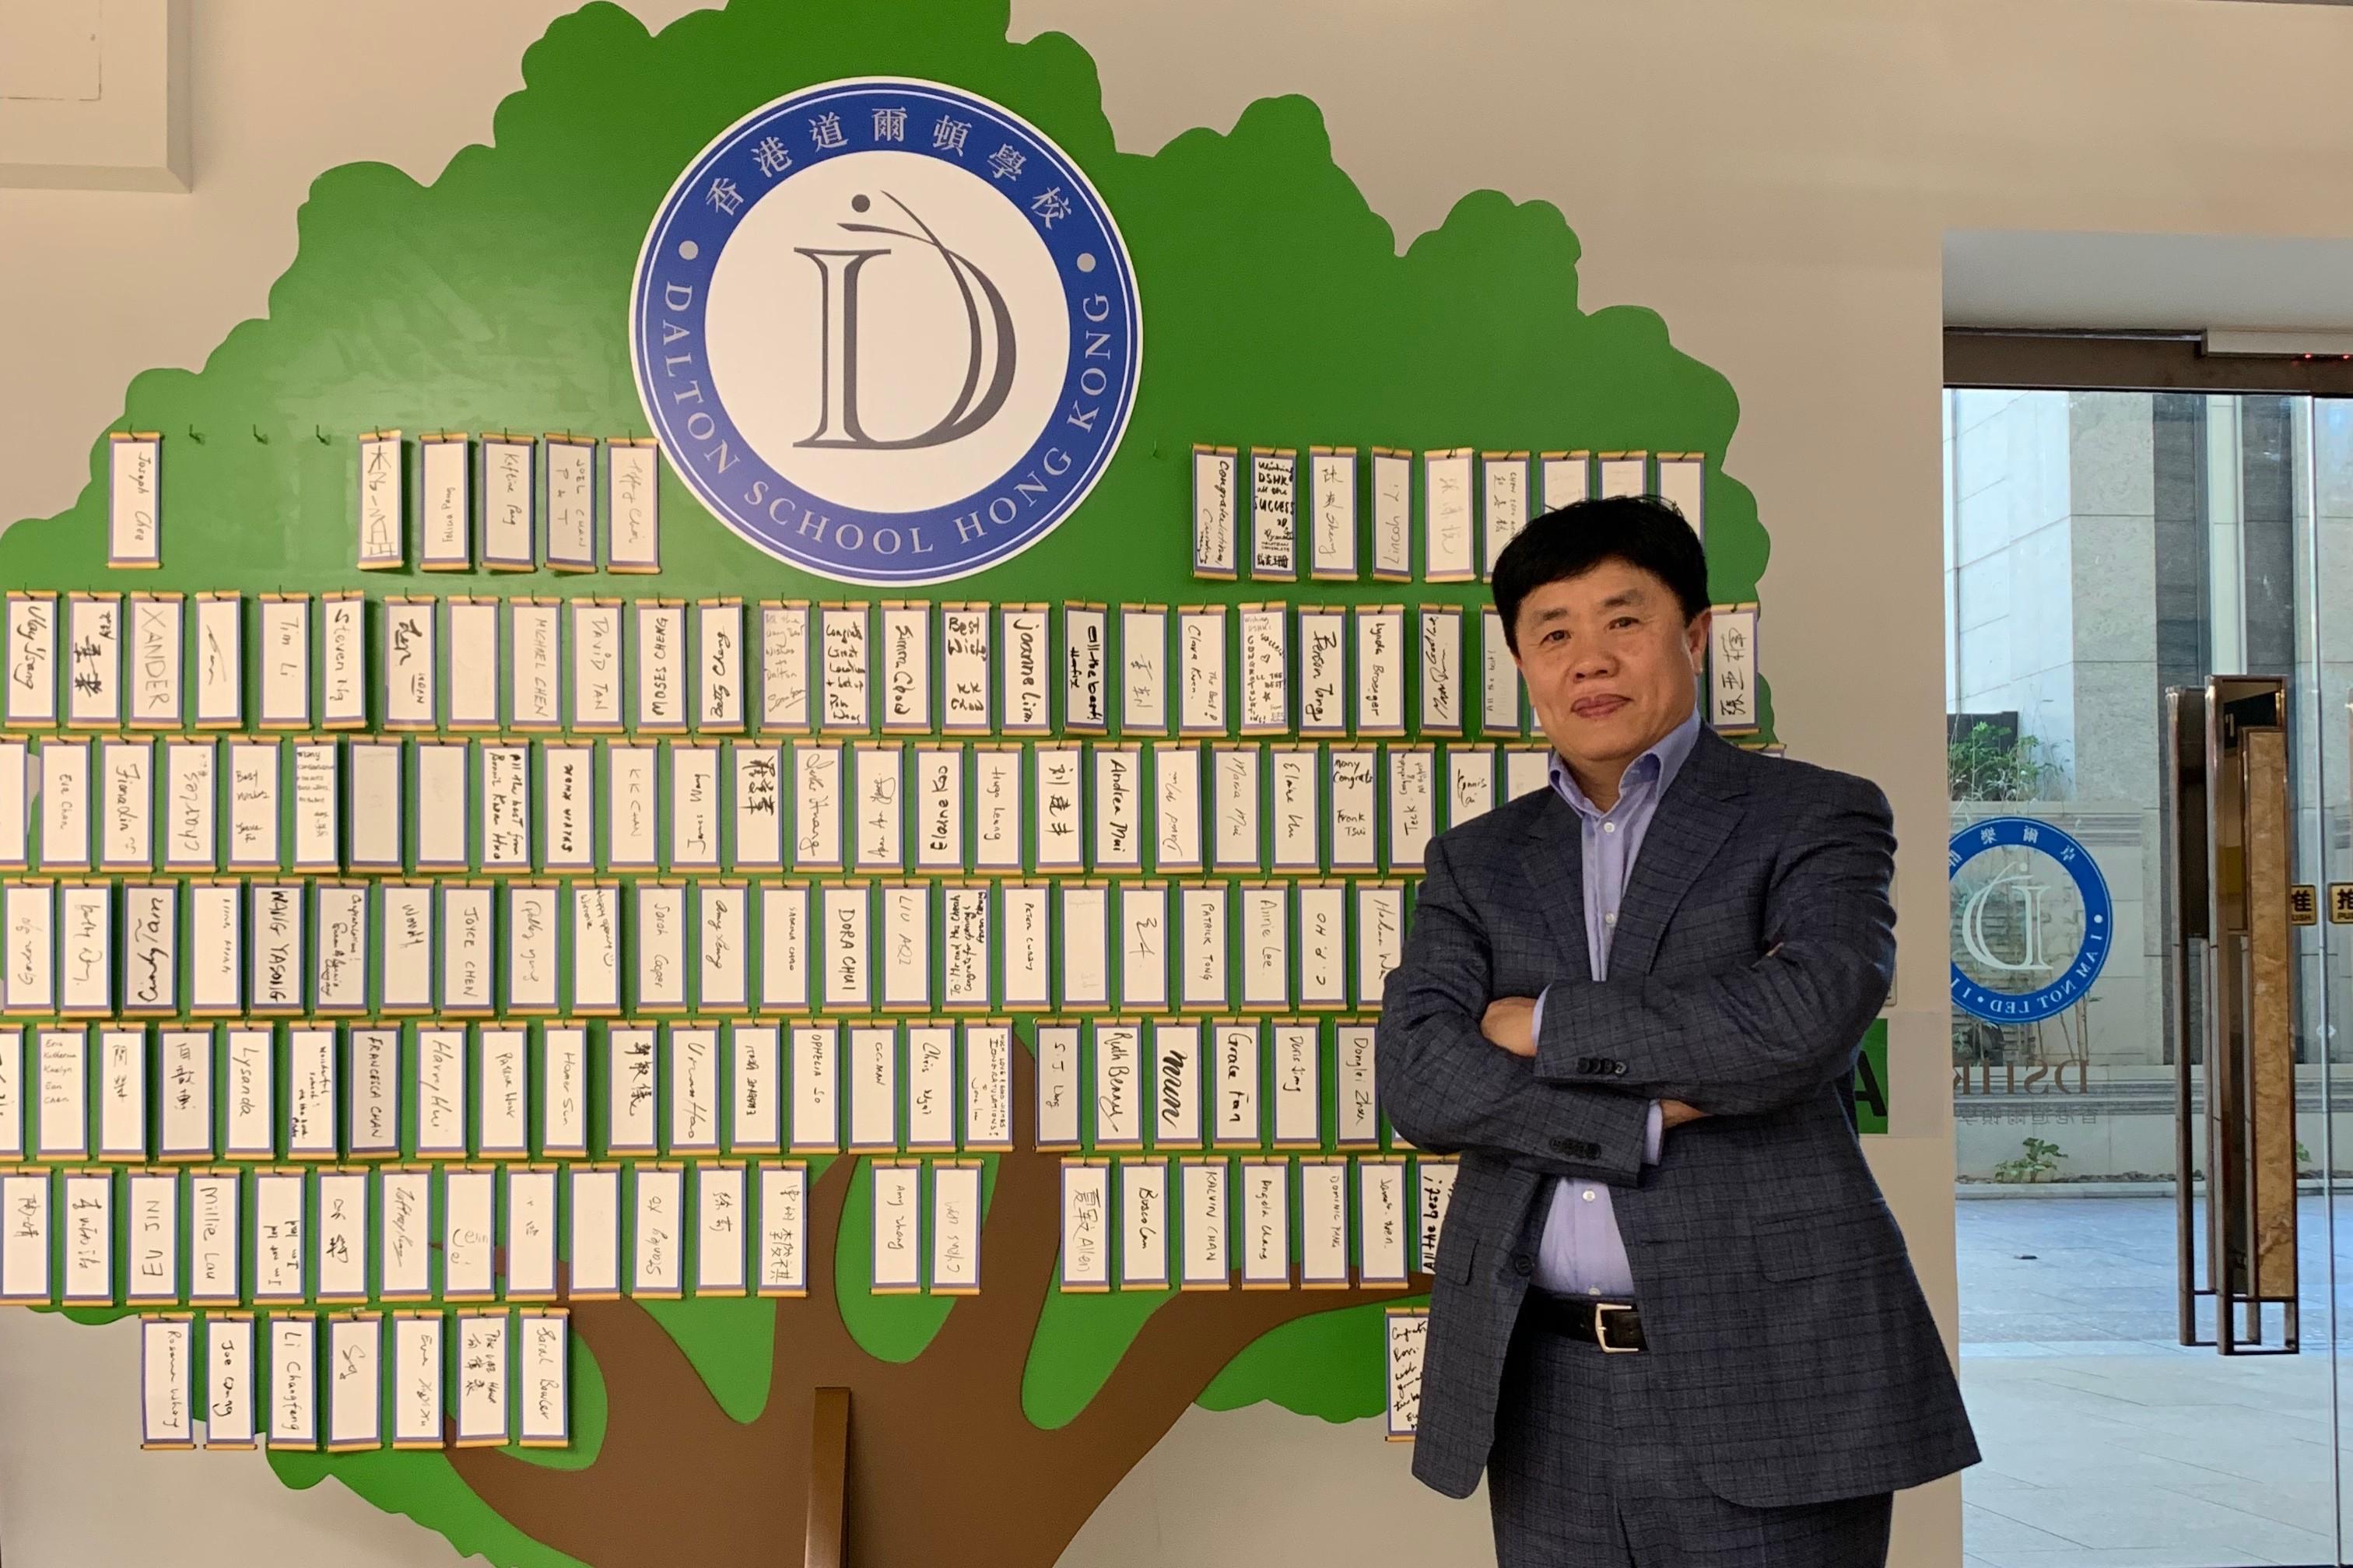 北京五环星体育发展有限公司董事长吴金祥.jpg